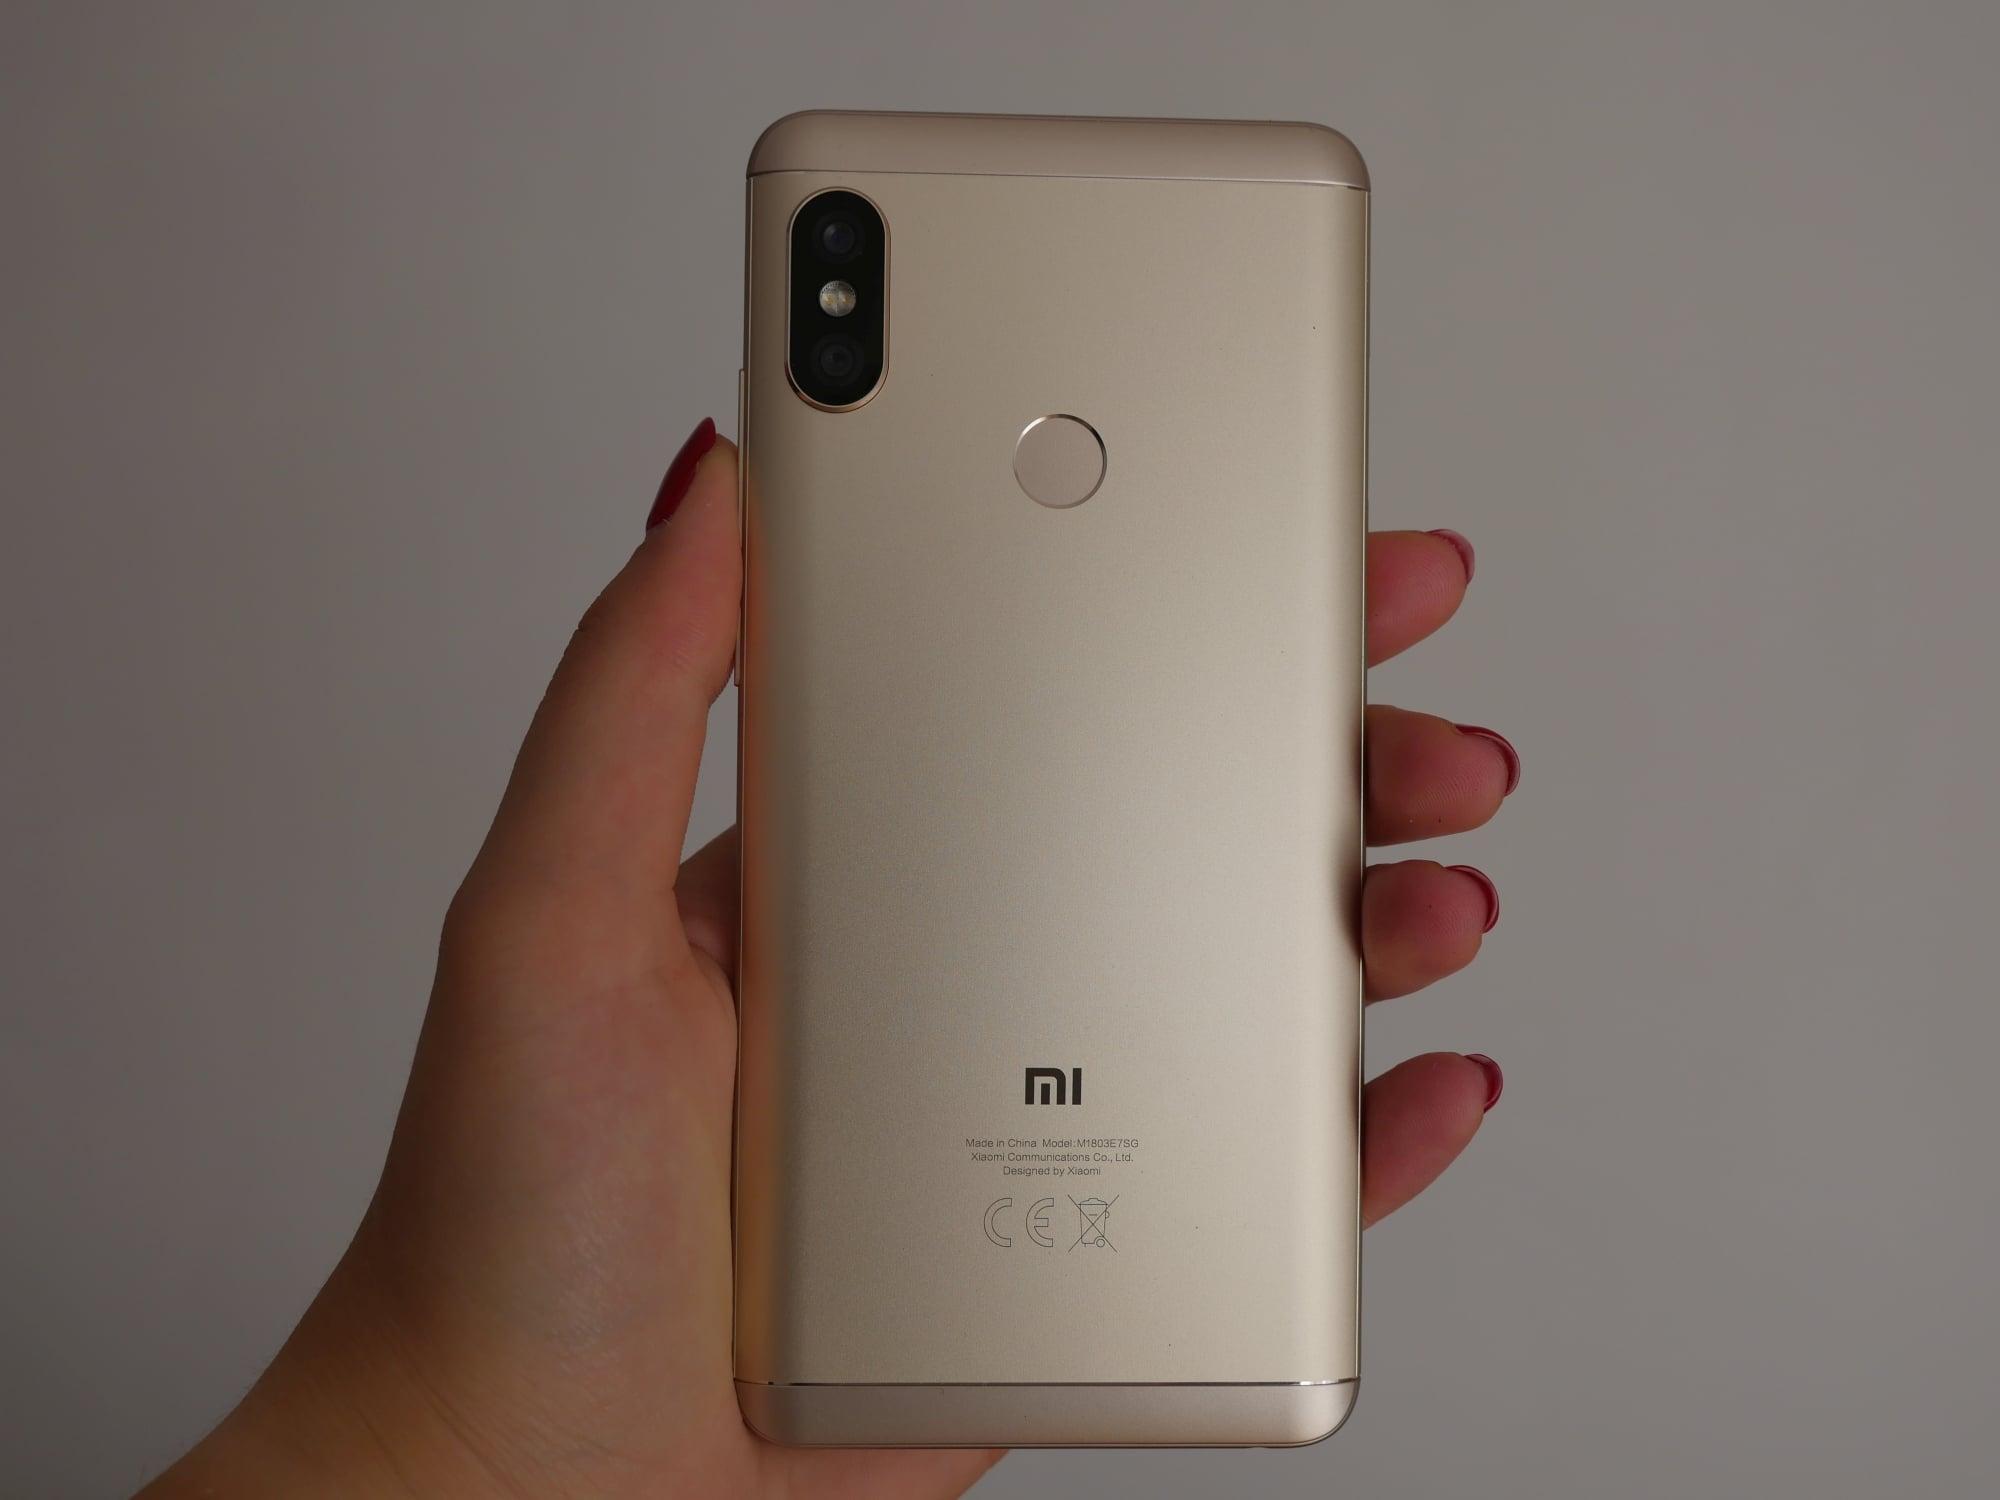 Jaki smartfon do 1300 złotych kupić? (październik 2018) 23